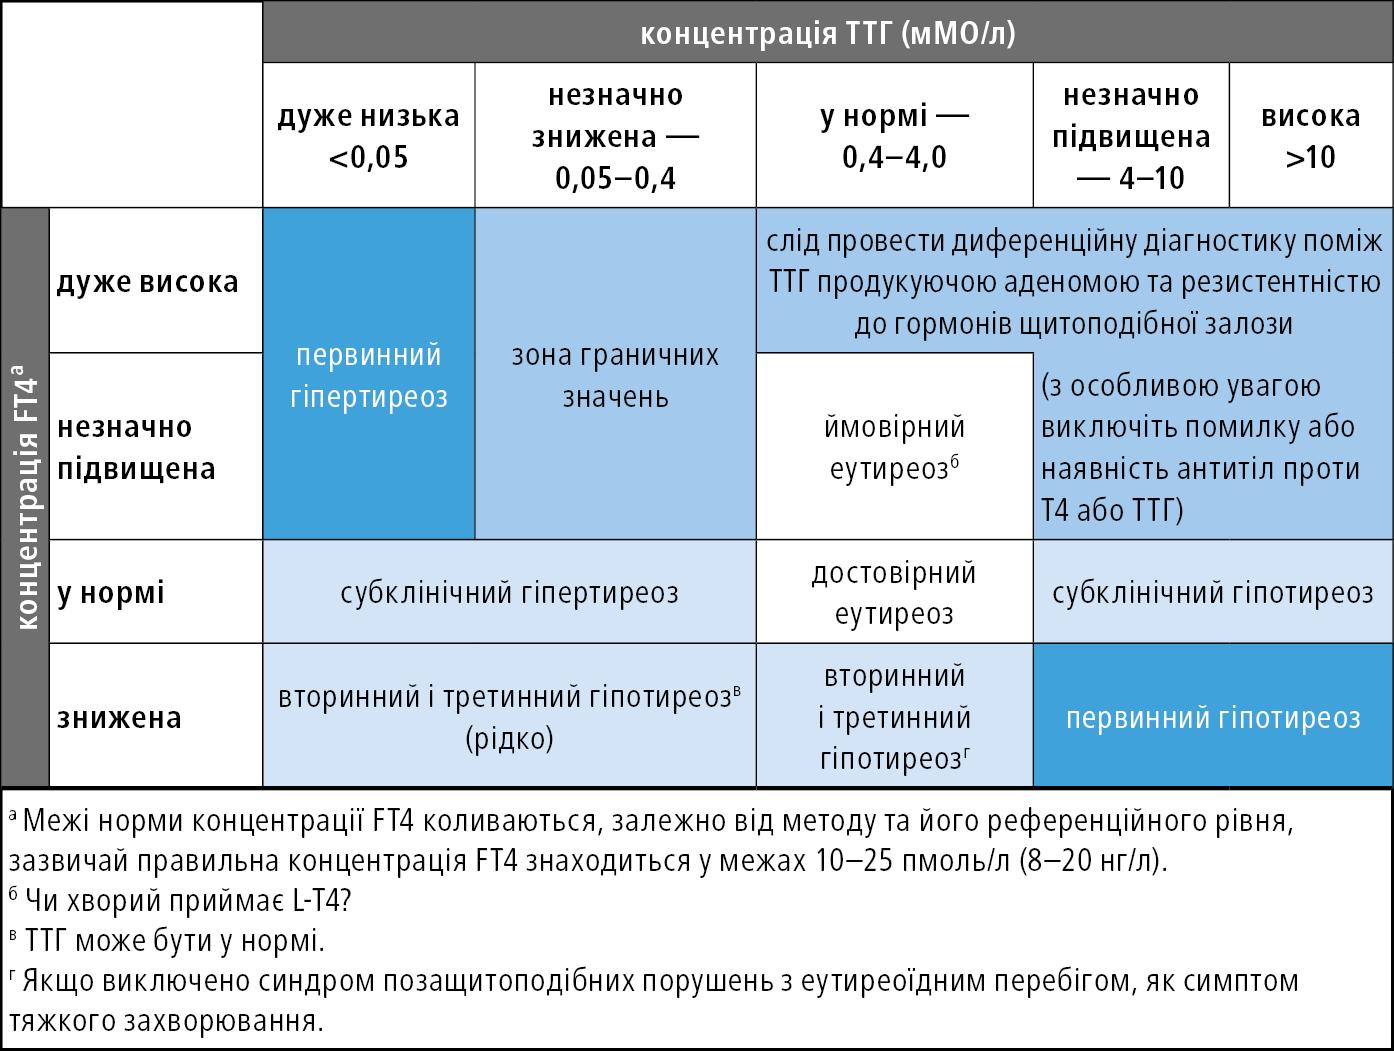 Диференційна діагностика дисфункції щитоподібної залози на основі концентрації ТТГ iFT4 усироватці